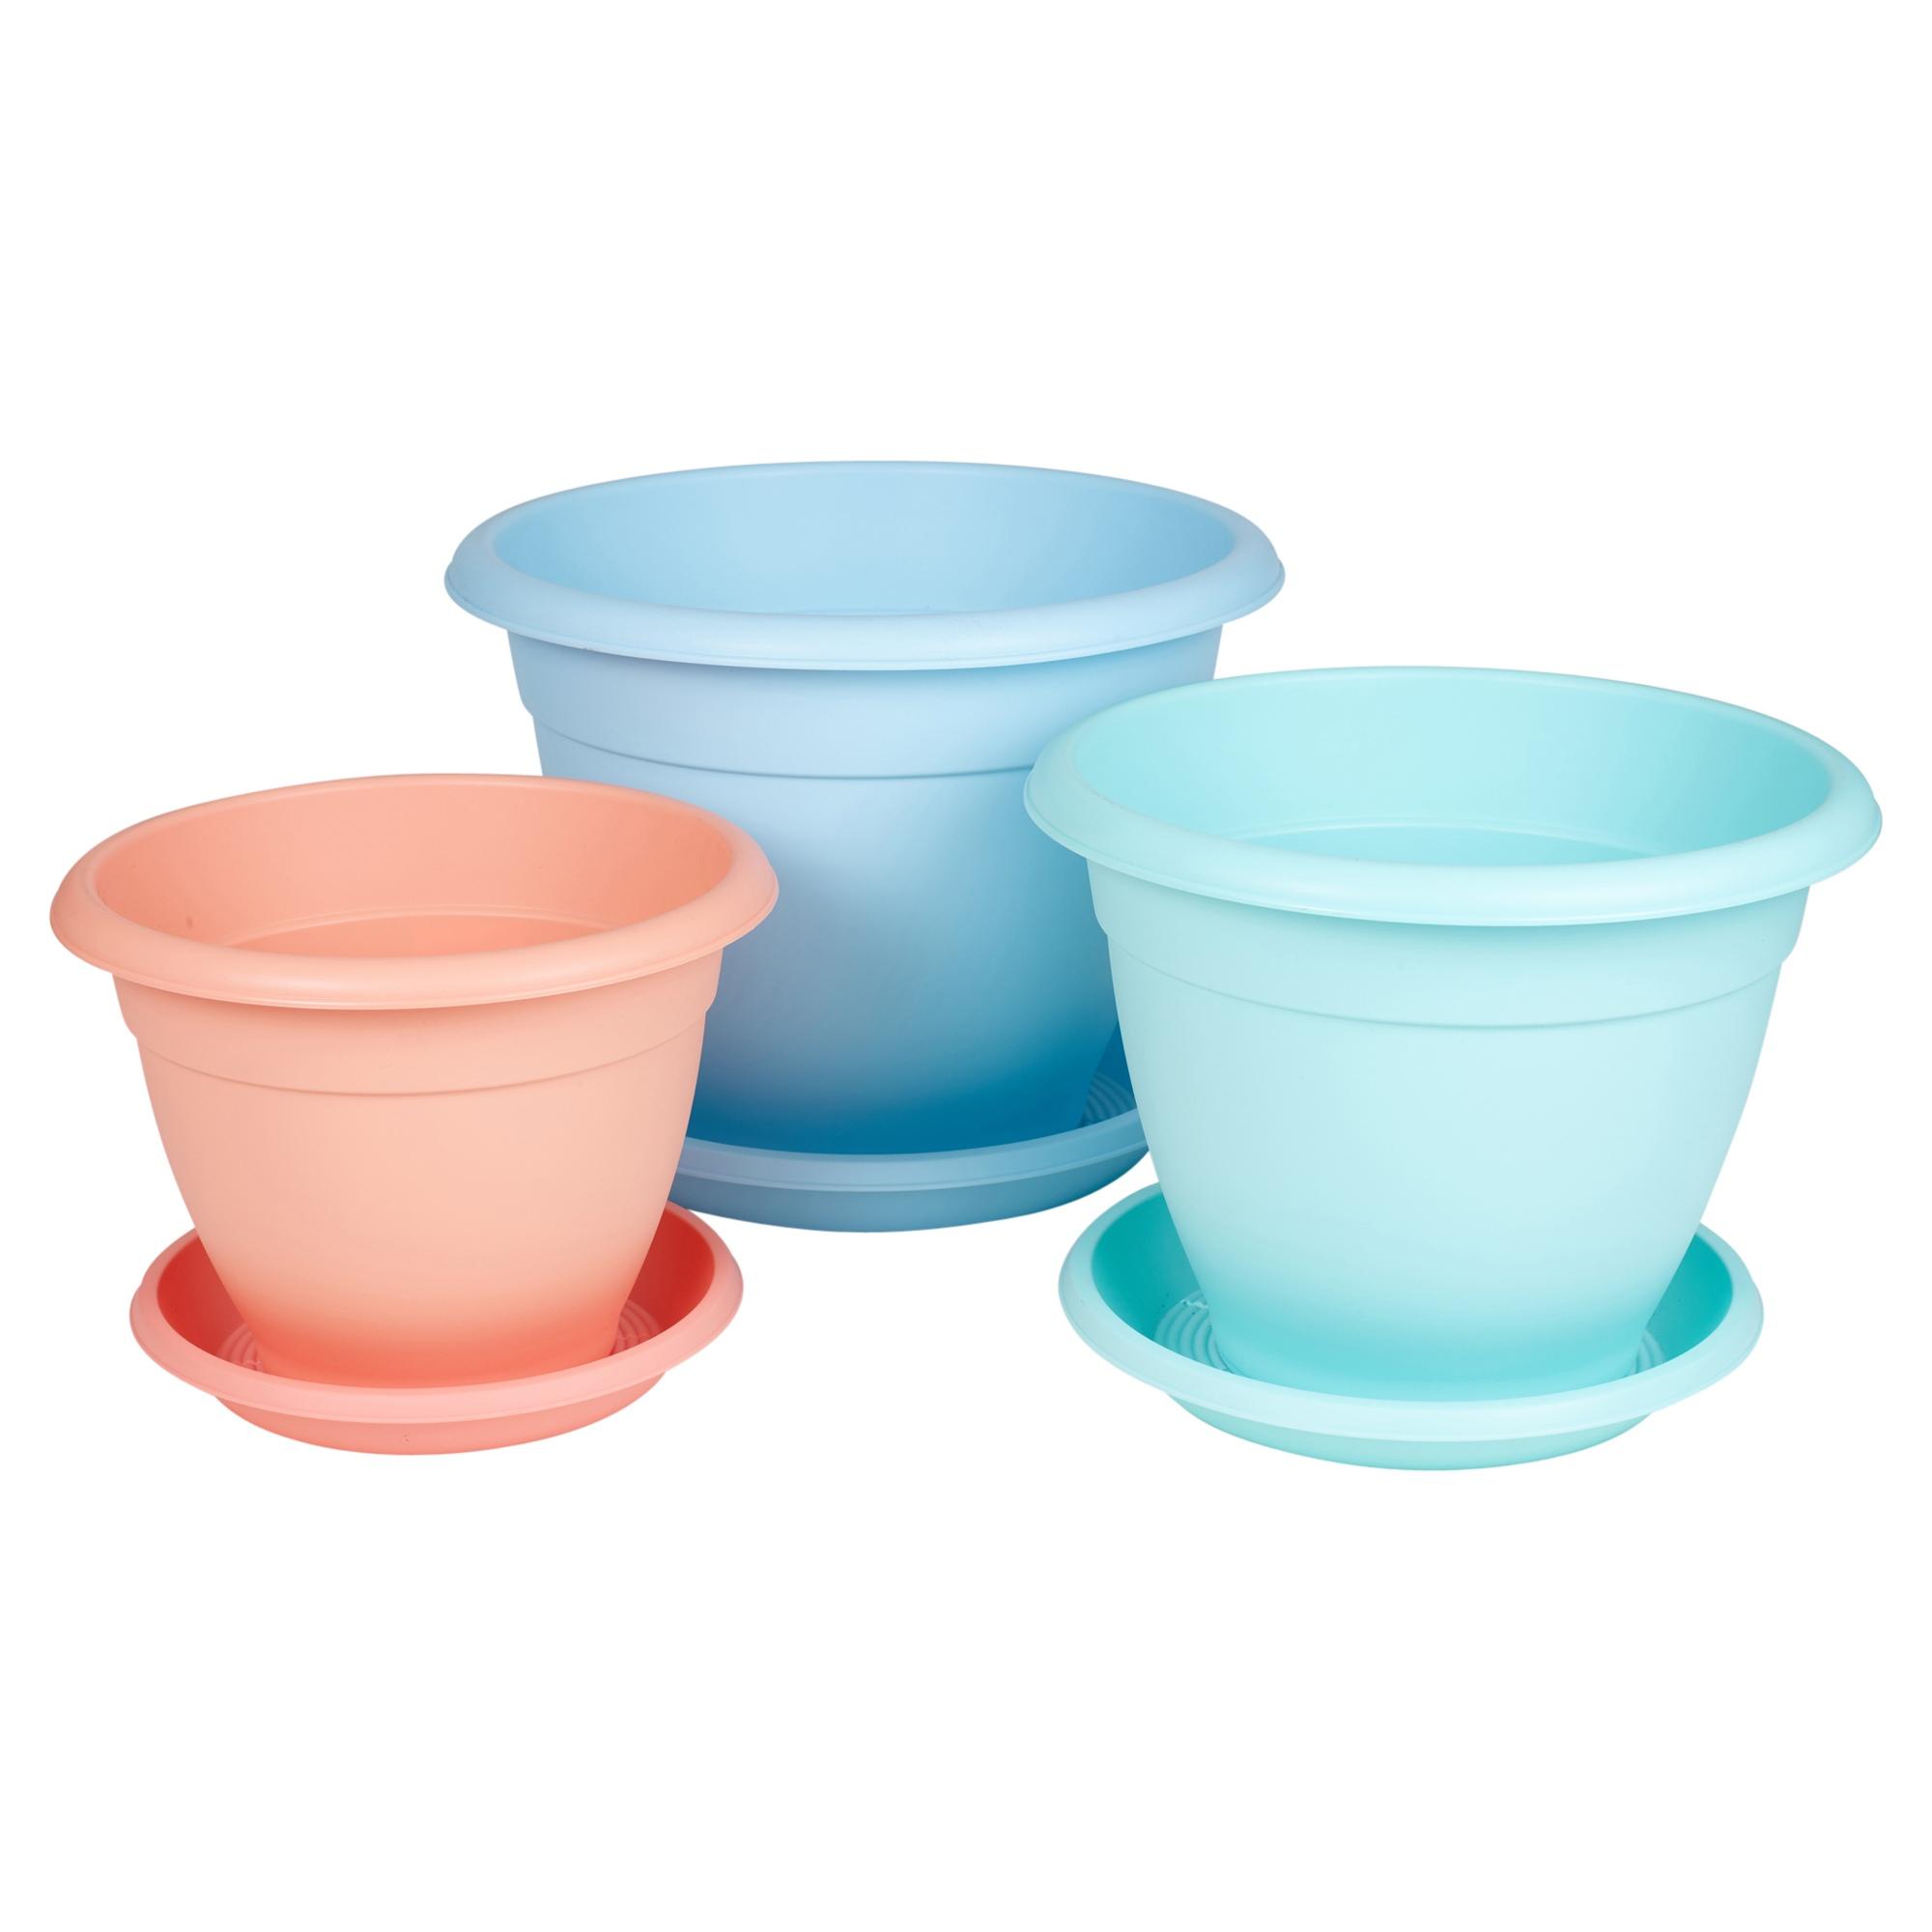 Buy Plant Pots Plastic Plant Flower Pot Garden Holder Pots